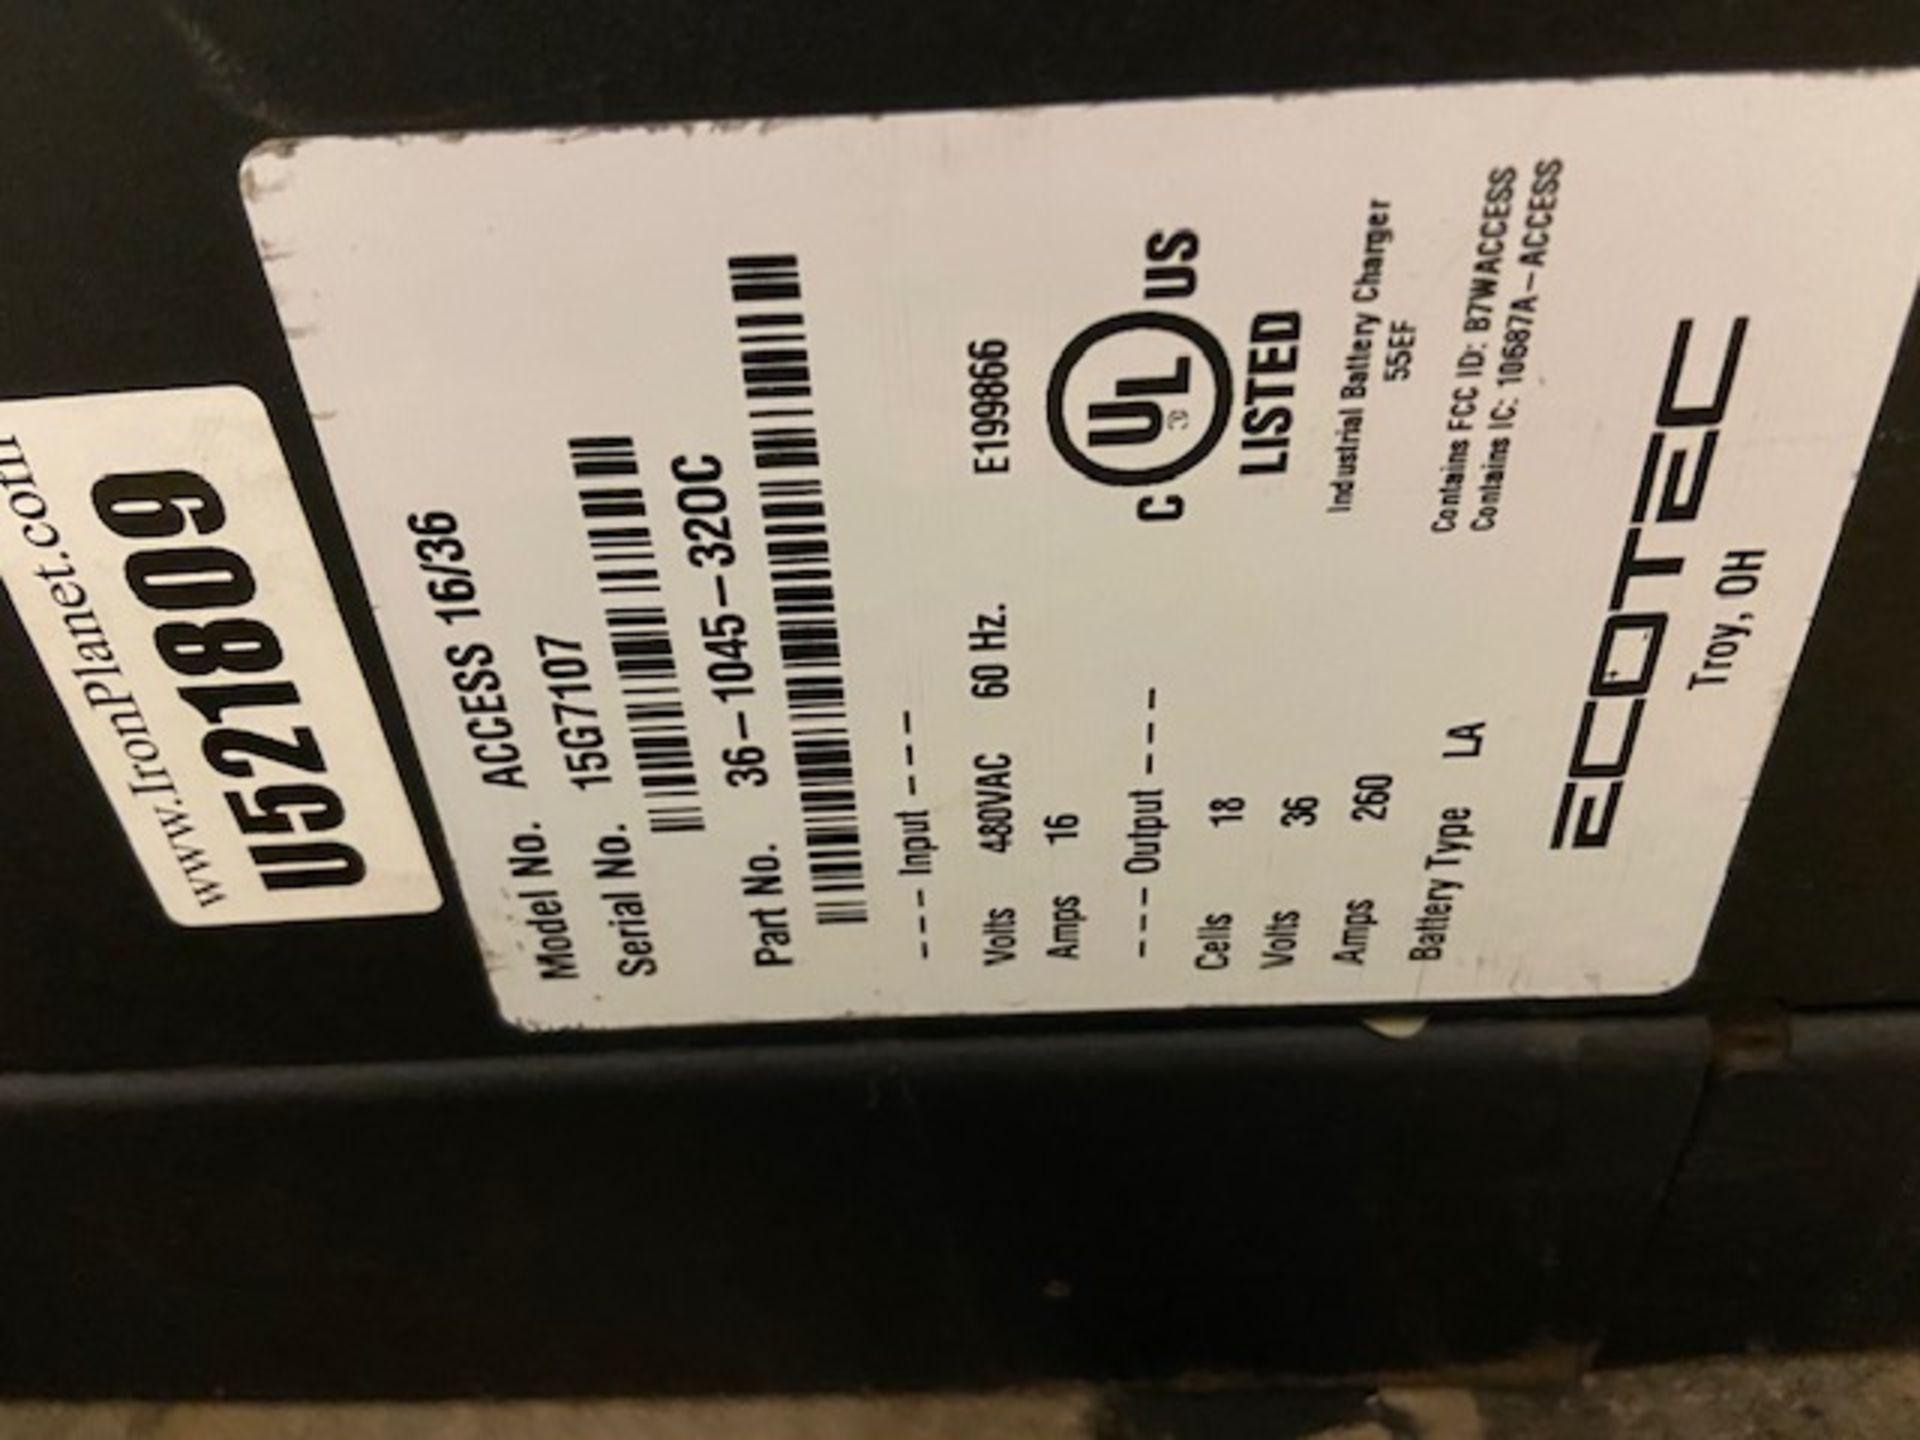 EcoTec Forklift Battery Charger - 36V unit - Image 3 of 3